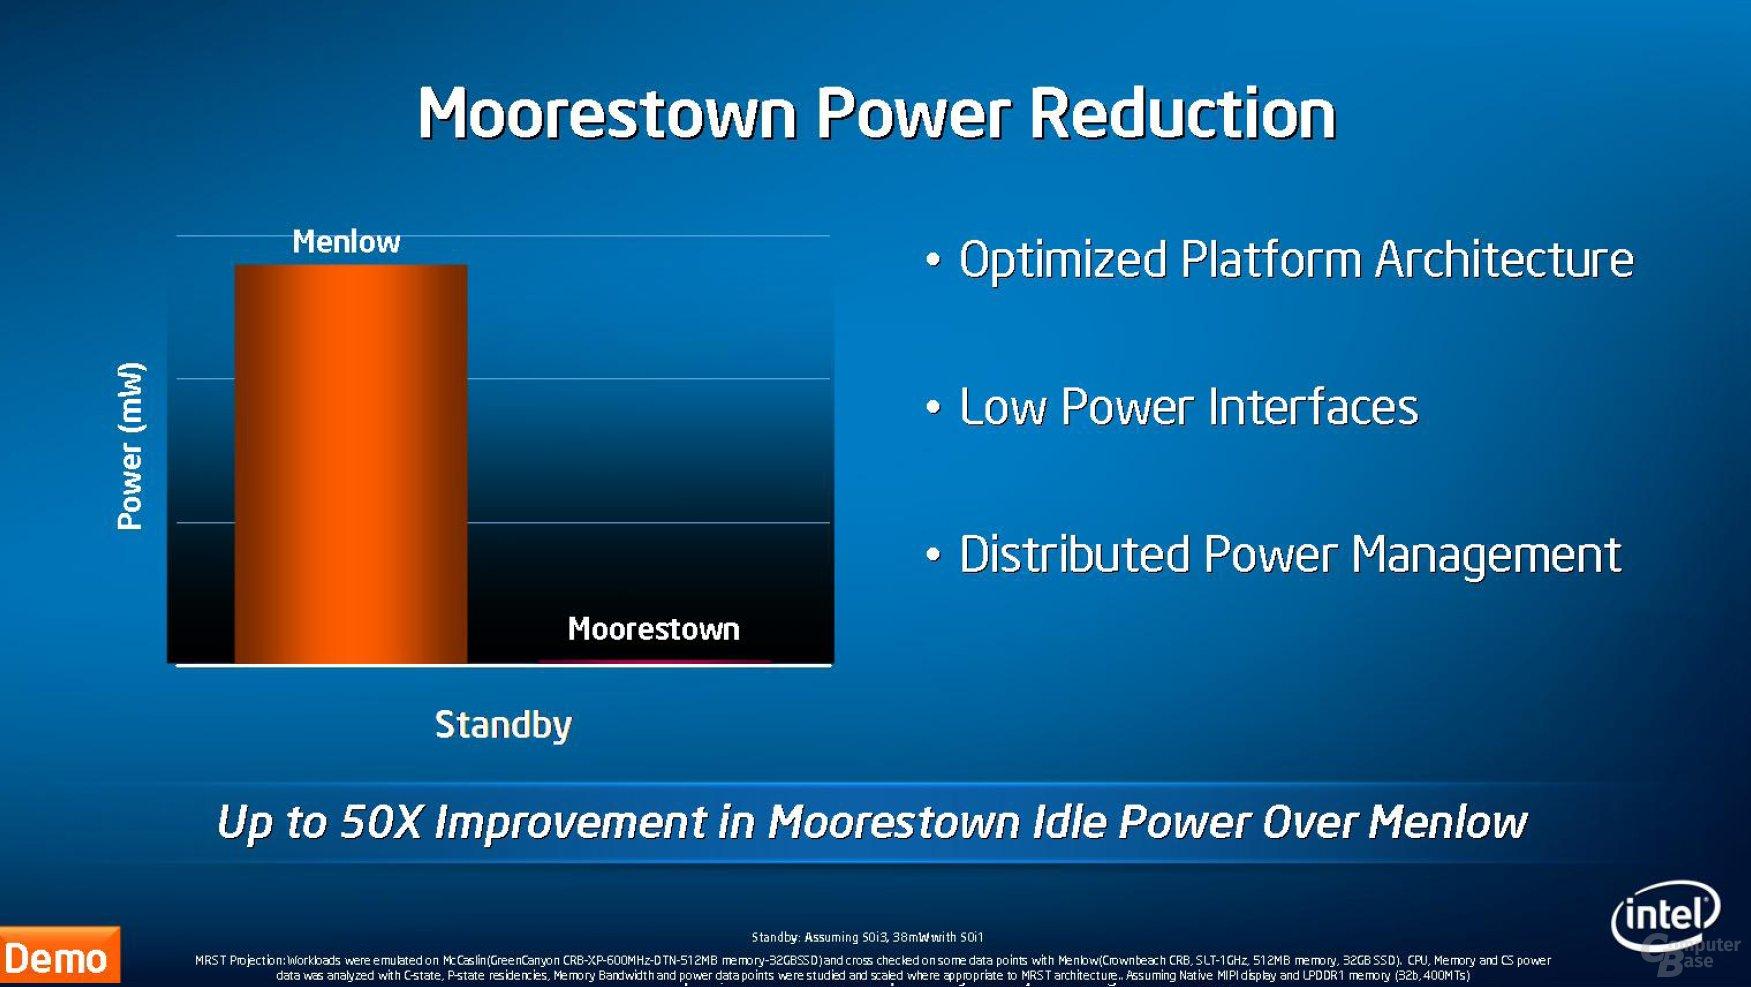 Moorestown beim Strom sparen